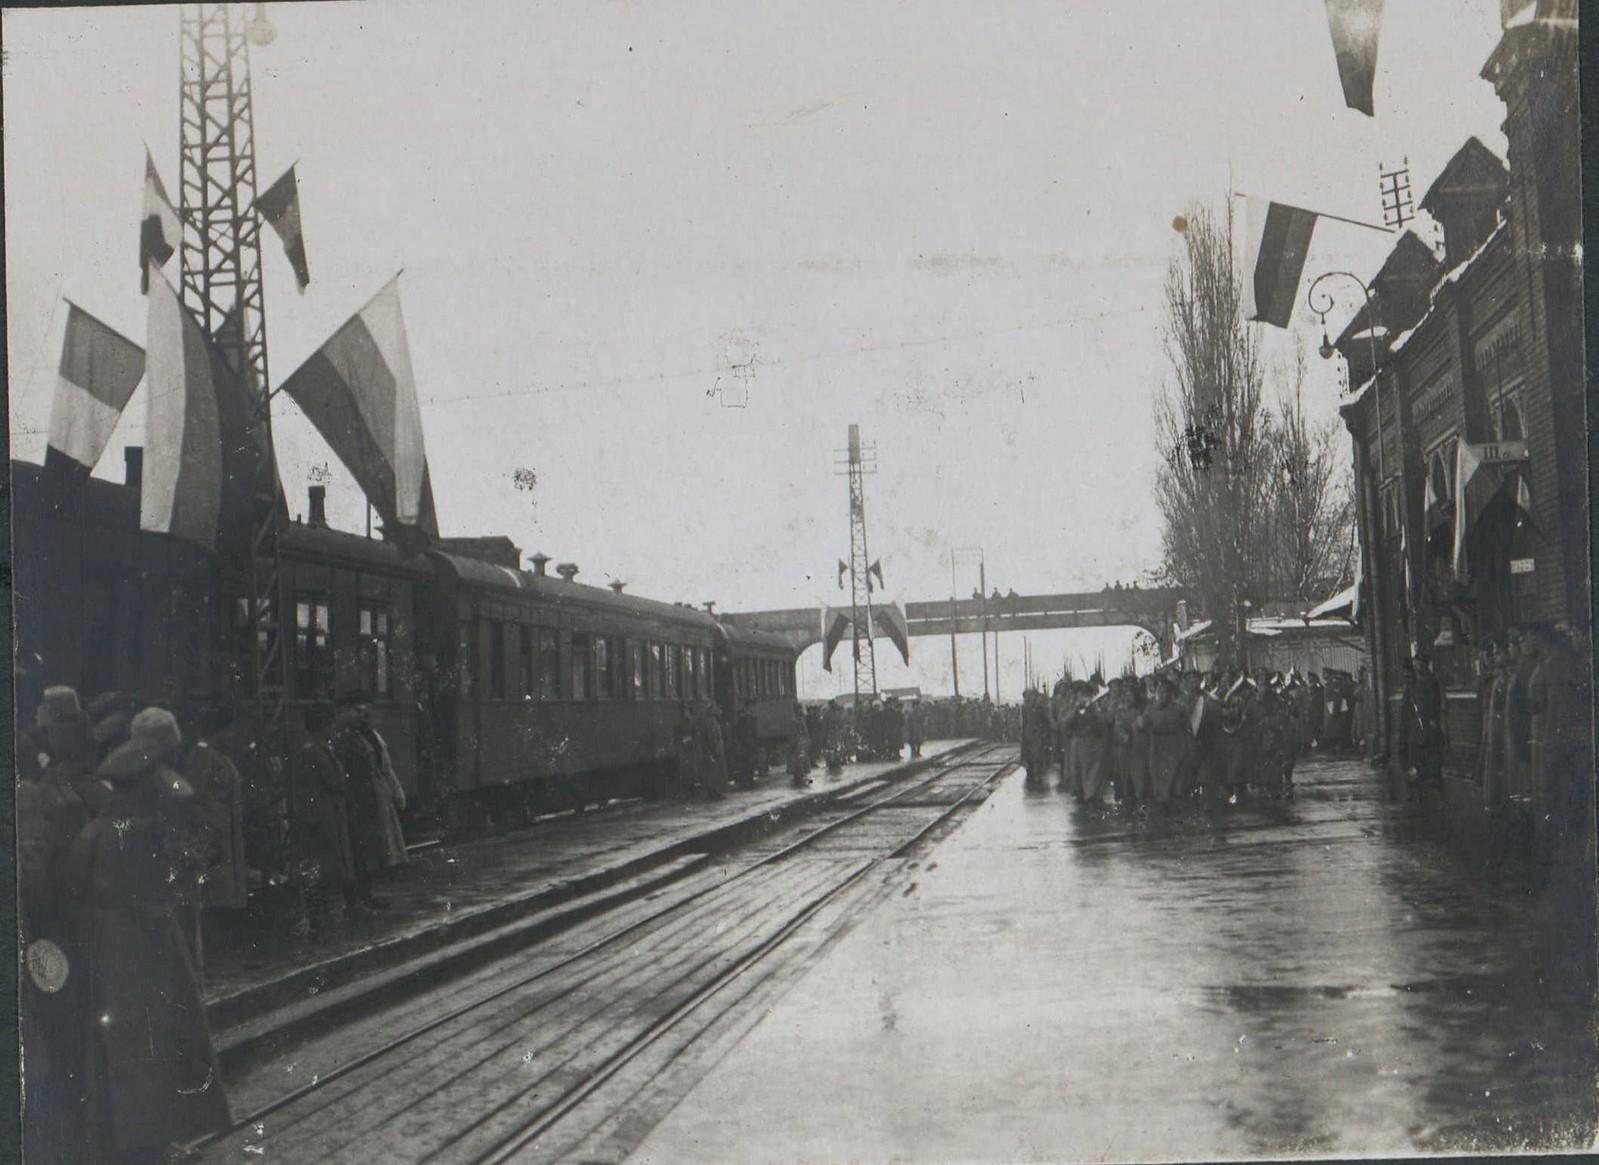 09. 1918. Прибытие генерала Фредерика Пуля в  Новороссийск. 3 декабря